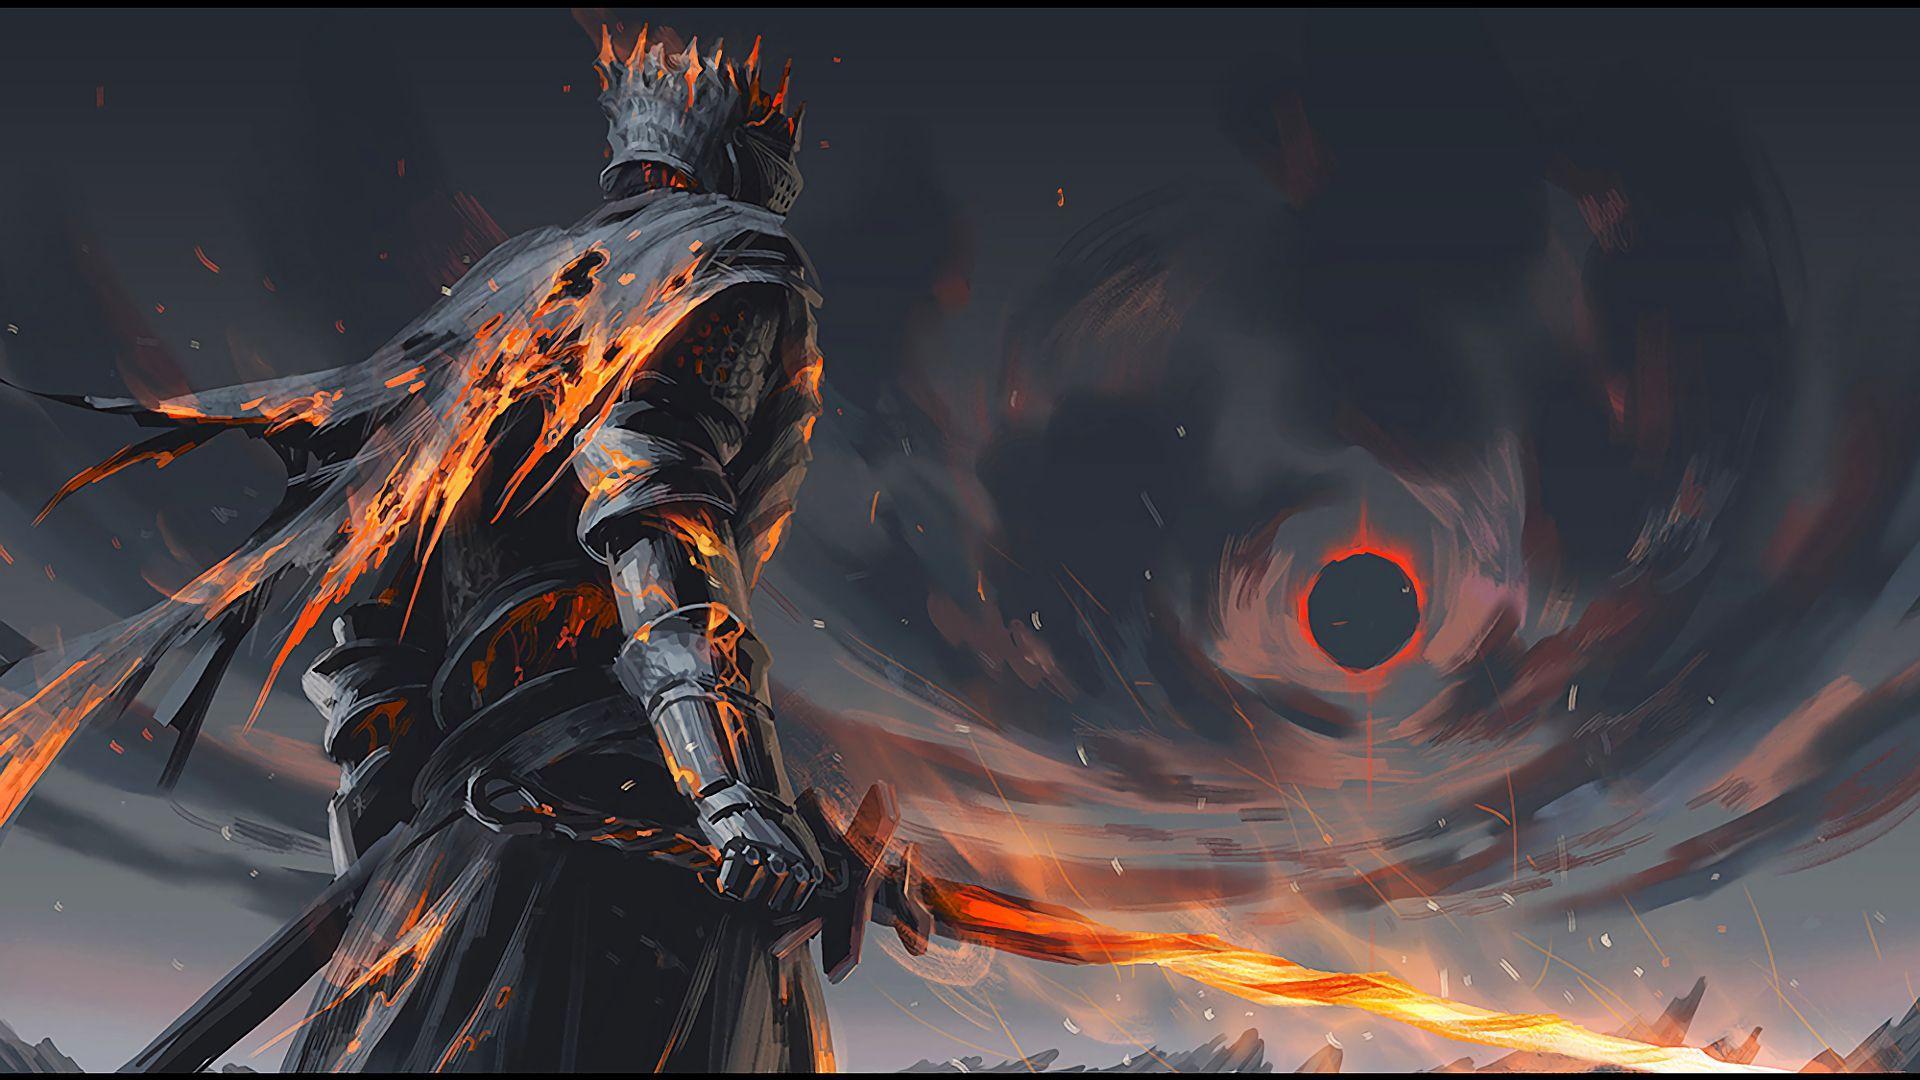 Dark Souls Wallpapers Top Free Dark Souls Backgrounds